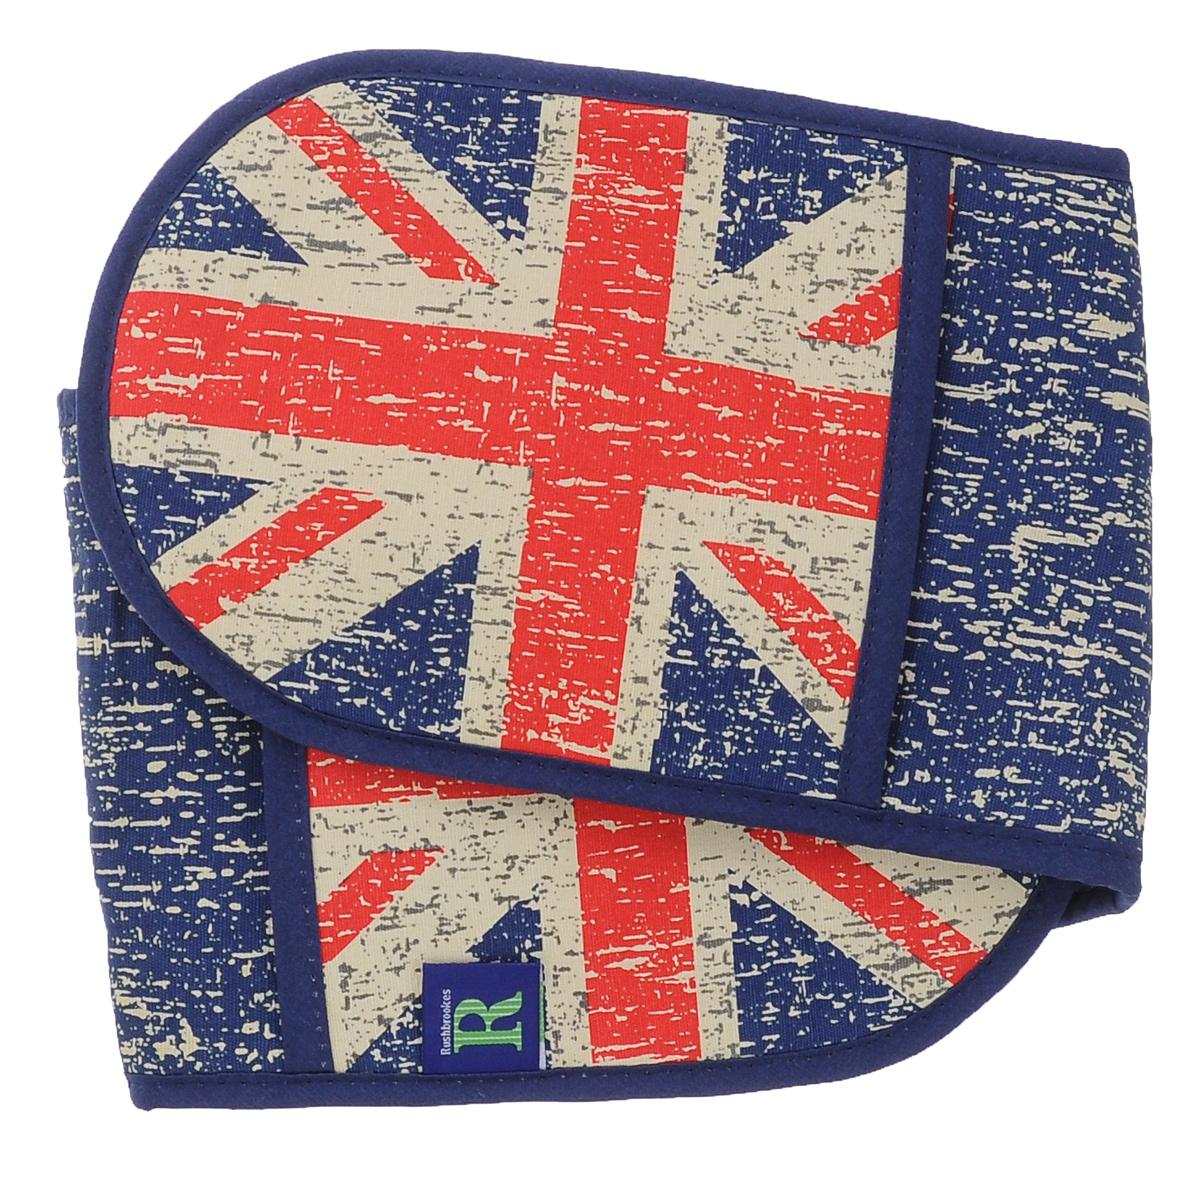 Прихватка двойная Rushbrookes Британский флаг, цвет: синий, красный, бежевый16164601Двойная прихватка Rushbrookes Британский флаг изготовлена из высококачественного хлопка и оформлена ярким рисунком. Изделие надевается на обе руки, что обеспечивает комфортное и безопасное использование. Внутри прихватка имеет плотный полиэстеровый наполнитель с ПВХ слоем, который защищает от проникновения внутрь пара и жира. Прихватка снабжена петелькой, благодаря которой ее можно повесить на крючок. Такая прихватка пригодится на любой кухне, она сбережет ваши руки при контакте с горячими предметами. Размер: 85 см х 19 см.